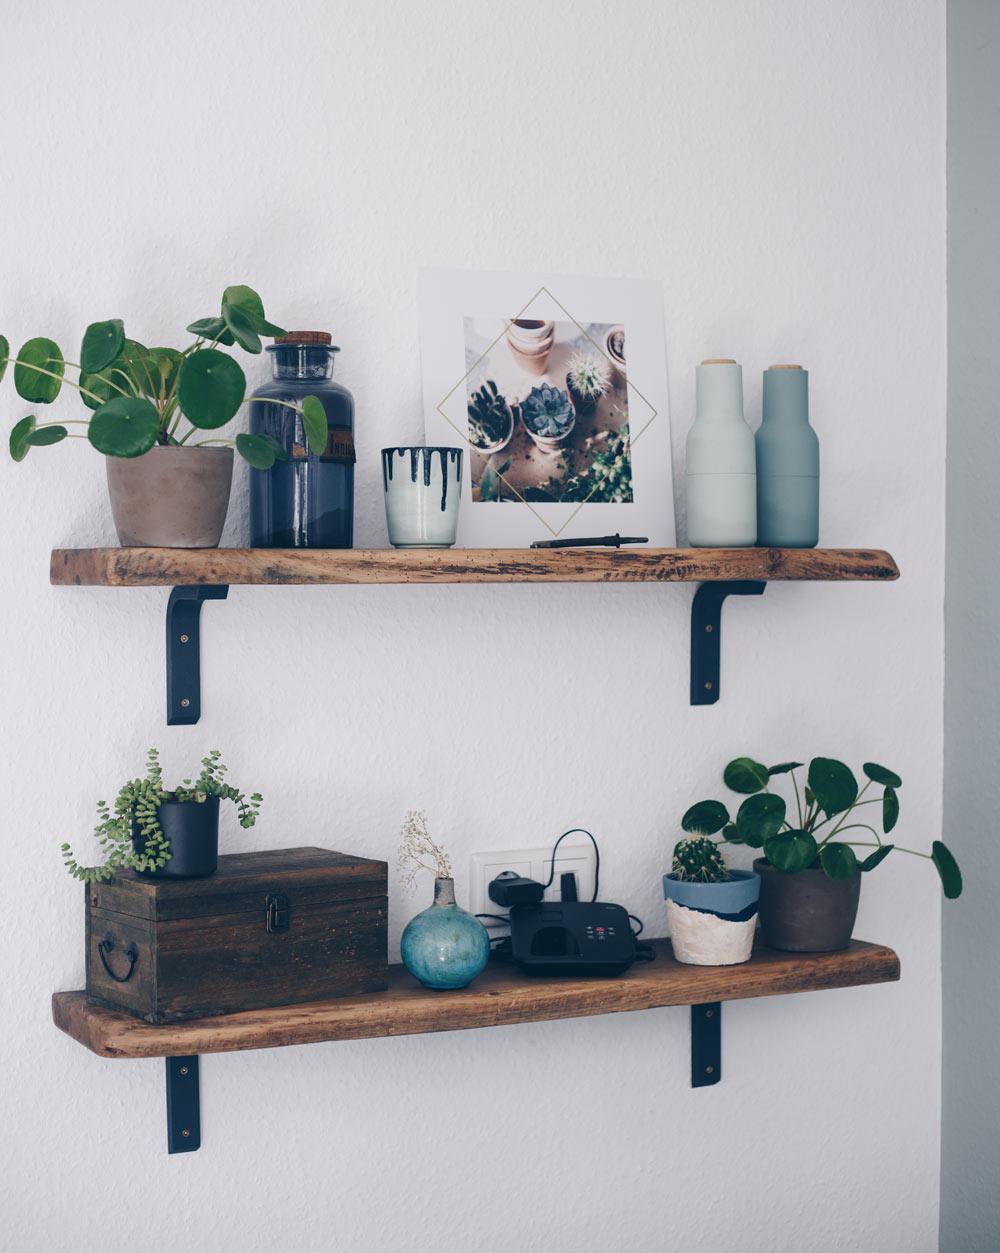 Zuhause wird es wohnlich - Wandbilder als Deko Objekt nutzen - Pflanzen Prints mit Gold